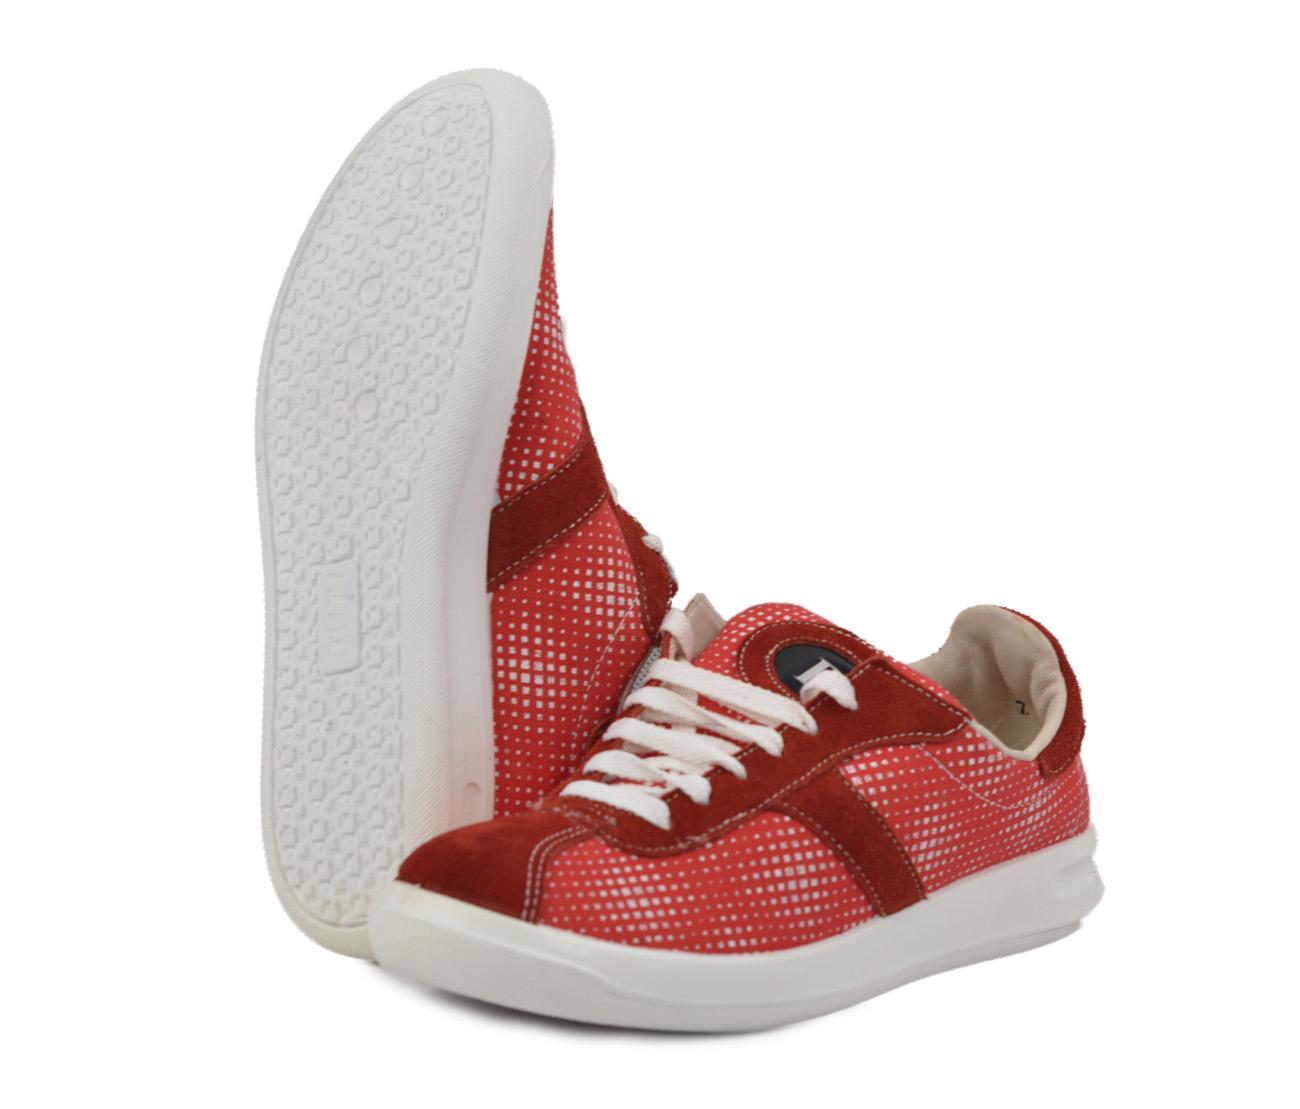 Кроссовки ACTIVE-03 ( женские) (40)Кроссовки<br>Разработки для спортивной обуви удачно <br>воплотились в кроссовках для повседневной <br>носки. Благодаря удобной колодке ноги не <br>устают в течение дня. Полиуретановая подошва <br>отличается надежностью и долговечностью. <br>Каждая пара в индивидуальной упаковке.<br><br>Пол: женский<br>Размер: 40<br>Сезон: лето